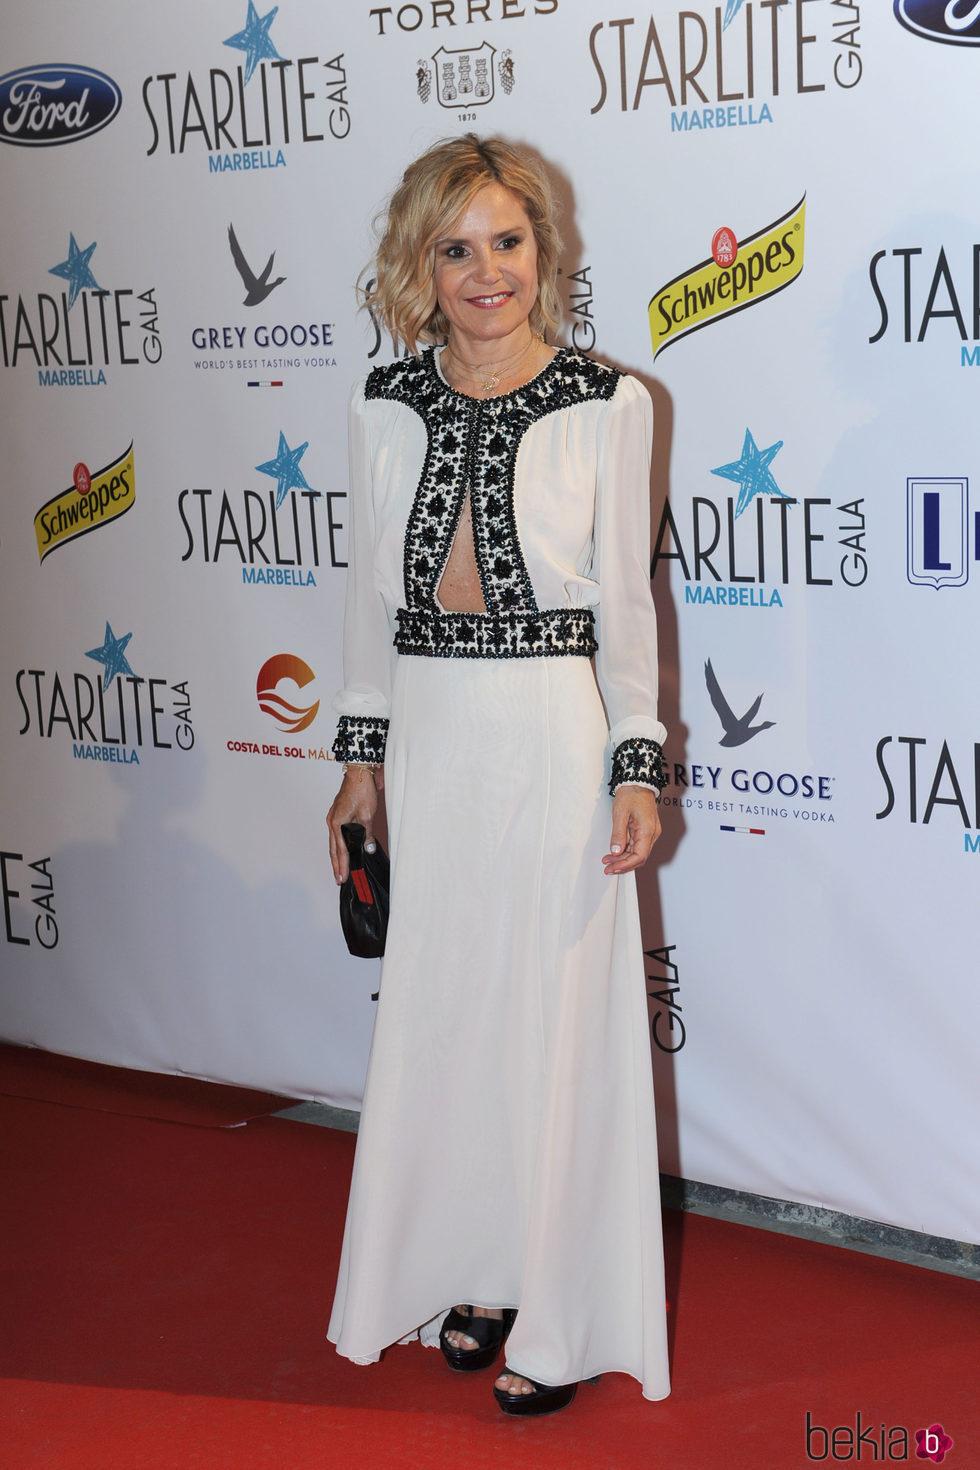 Eugenia Martínez de Irujo en la Gala Starlite 2016